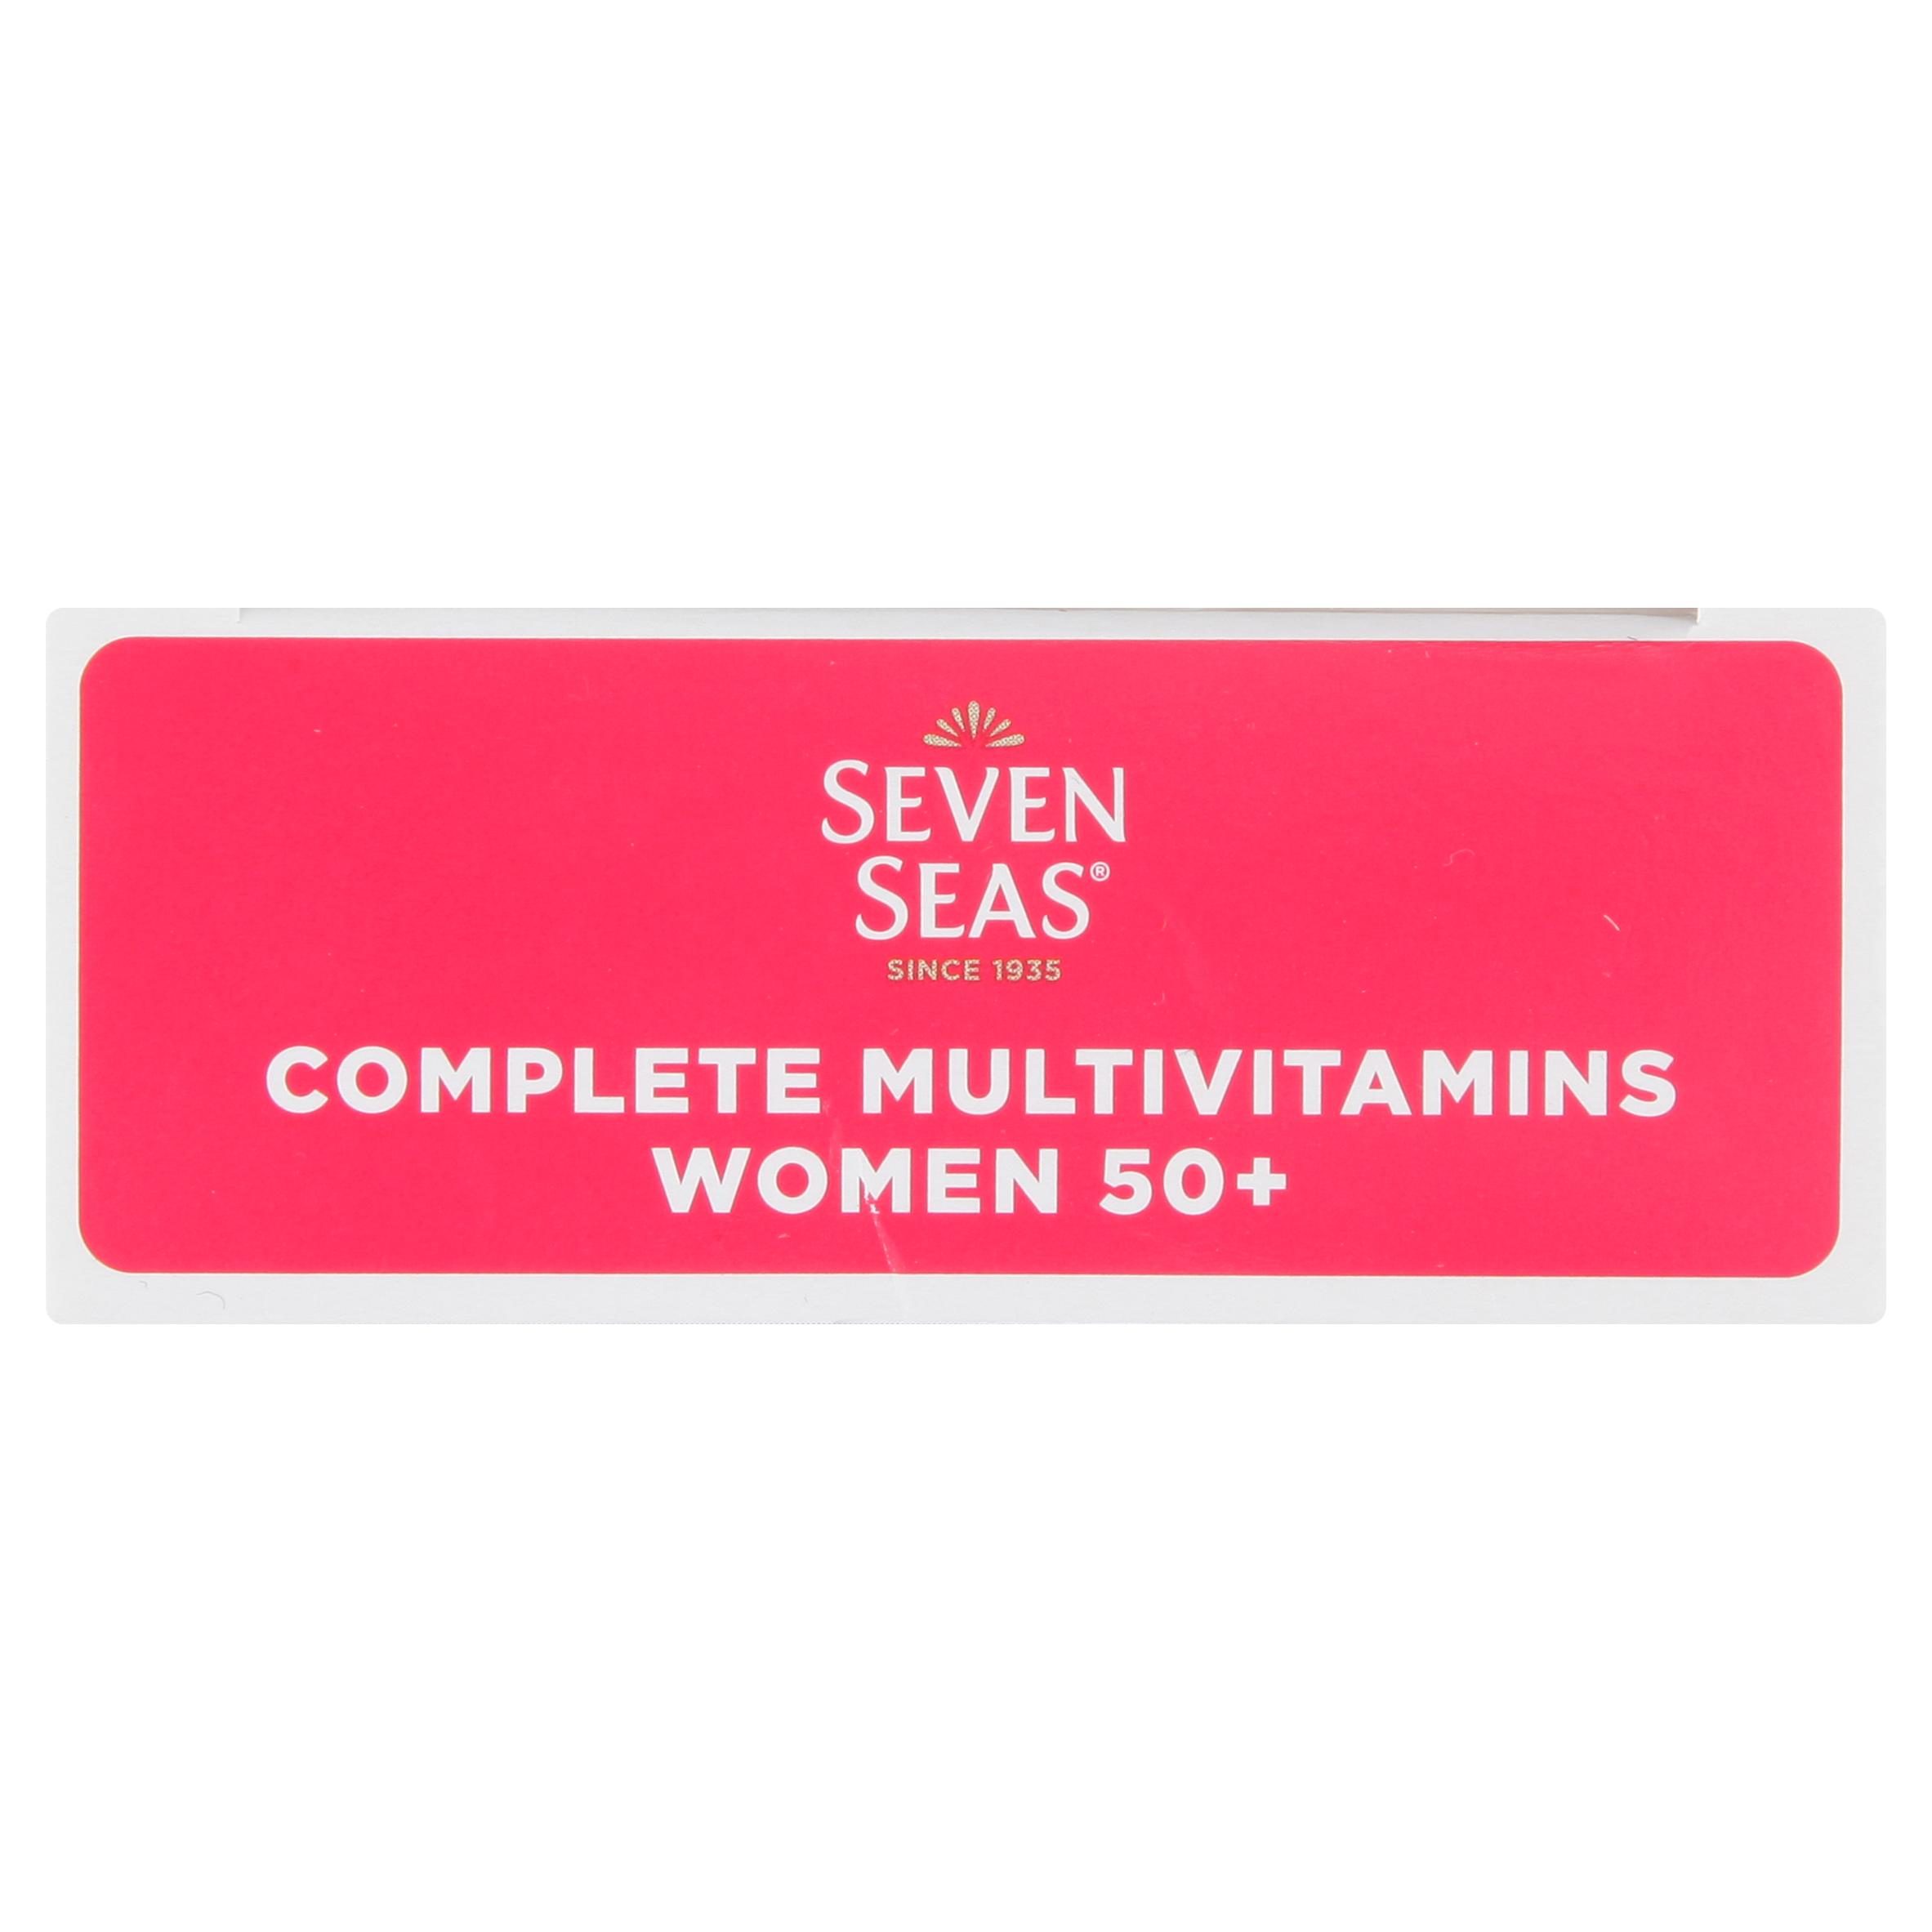 Seven Seas Complete Multivitamin Women 50+